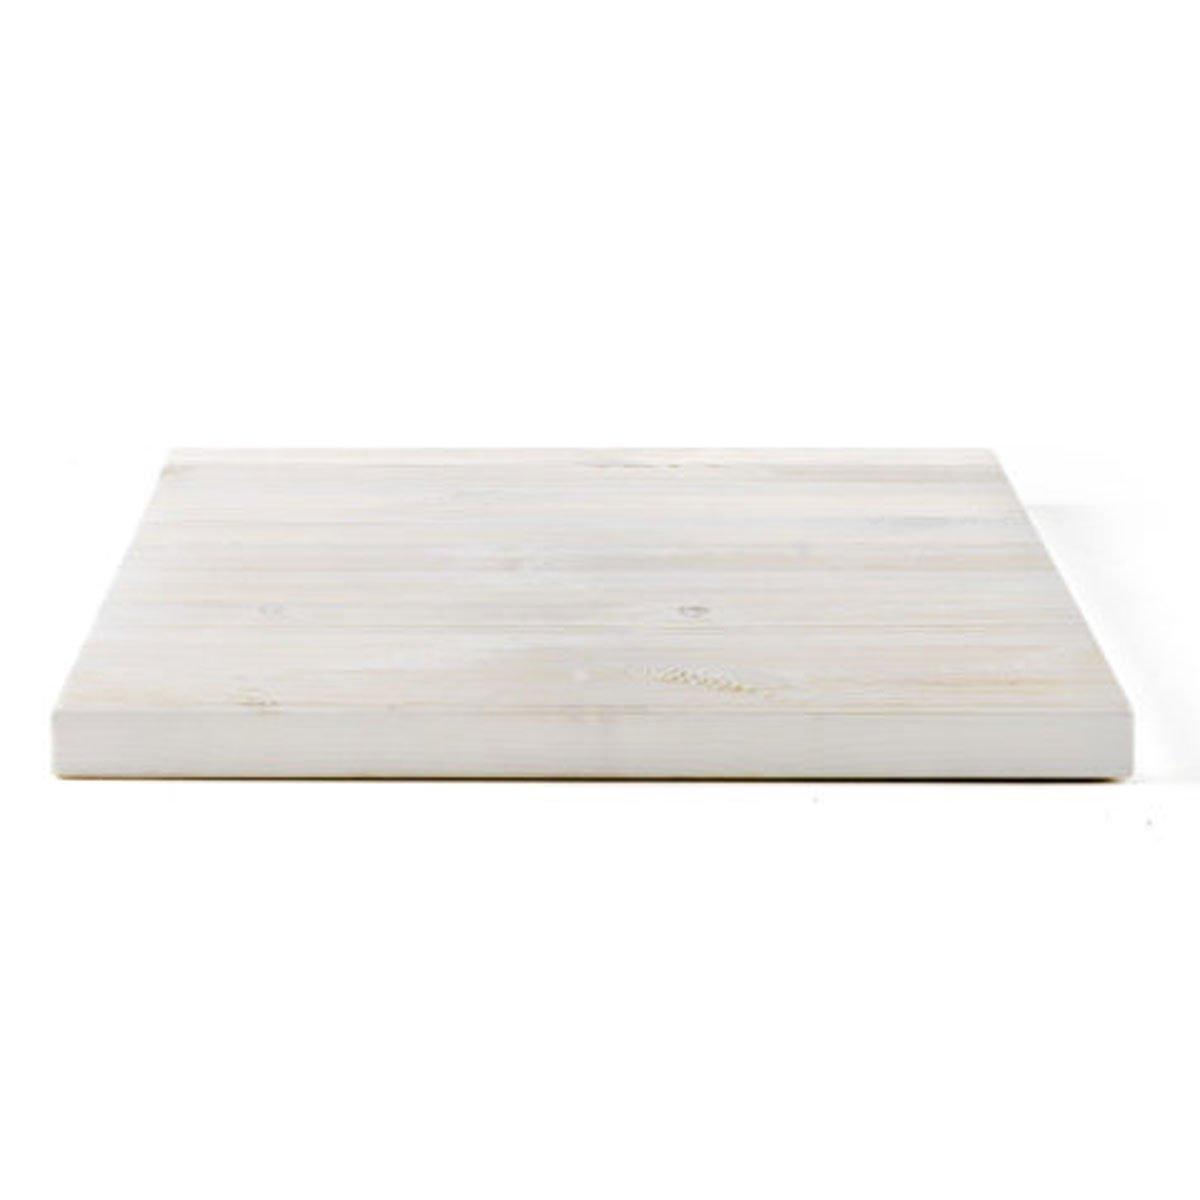 Piano tavolo quadrato in legno pino spazzolato • 70x70cm • Spessore ...